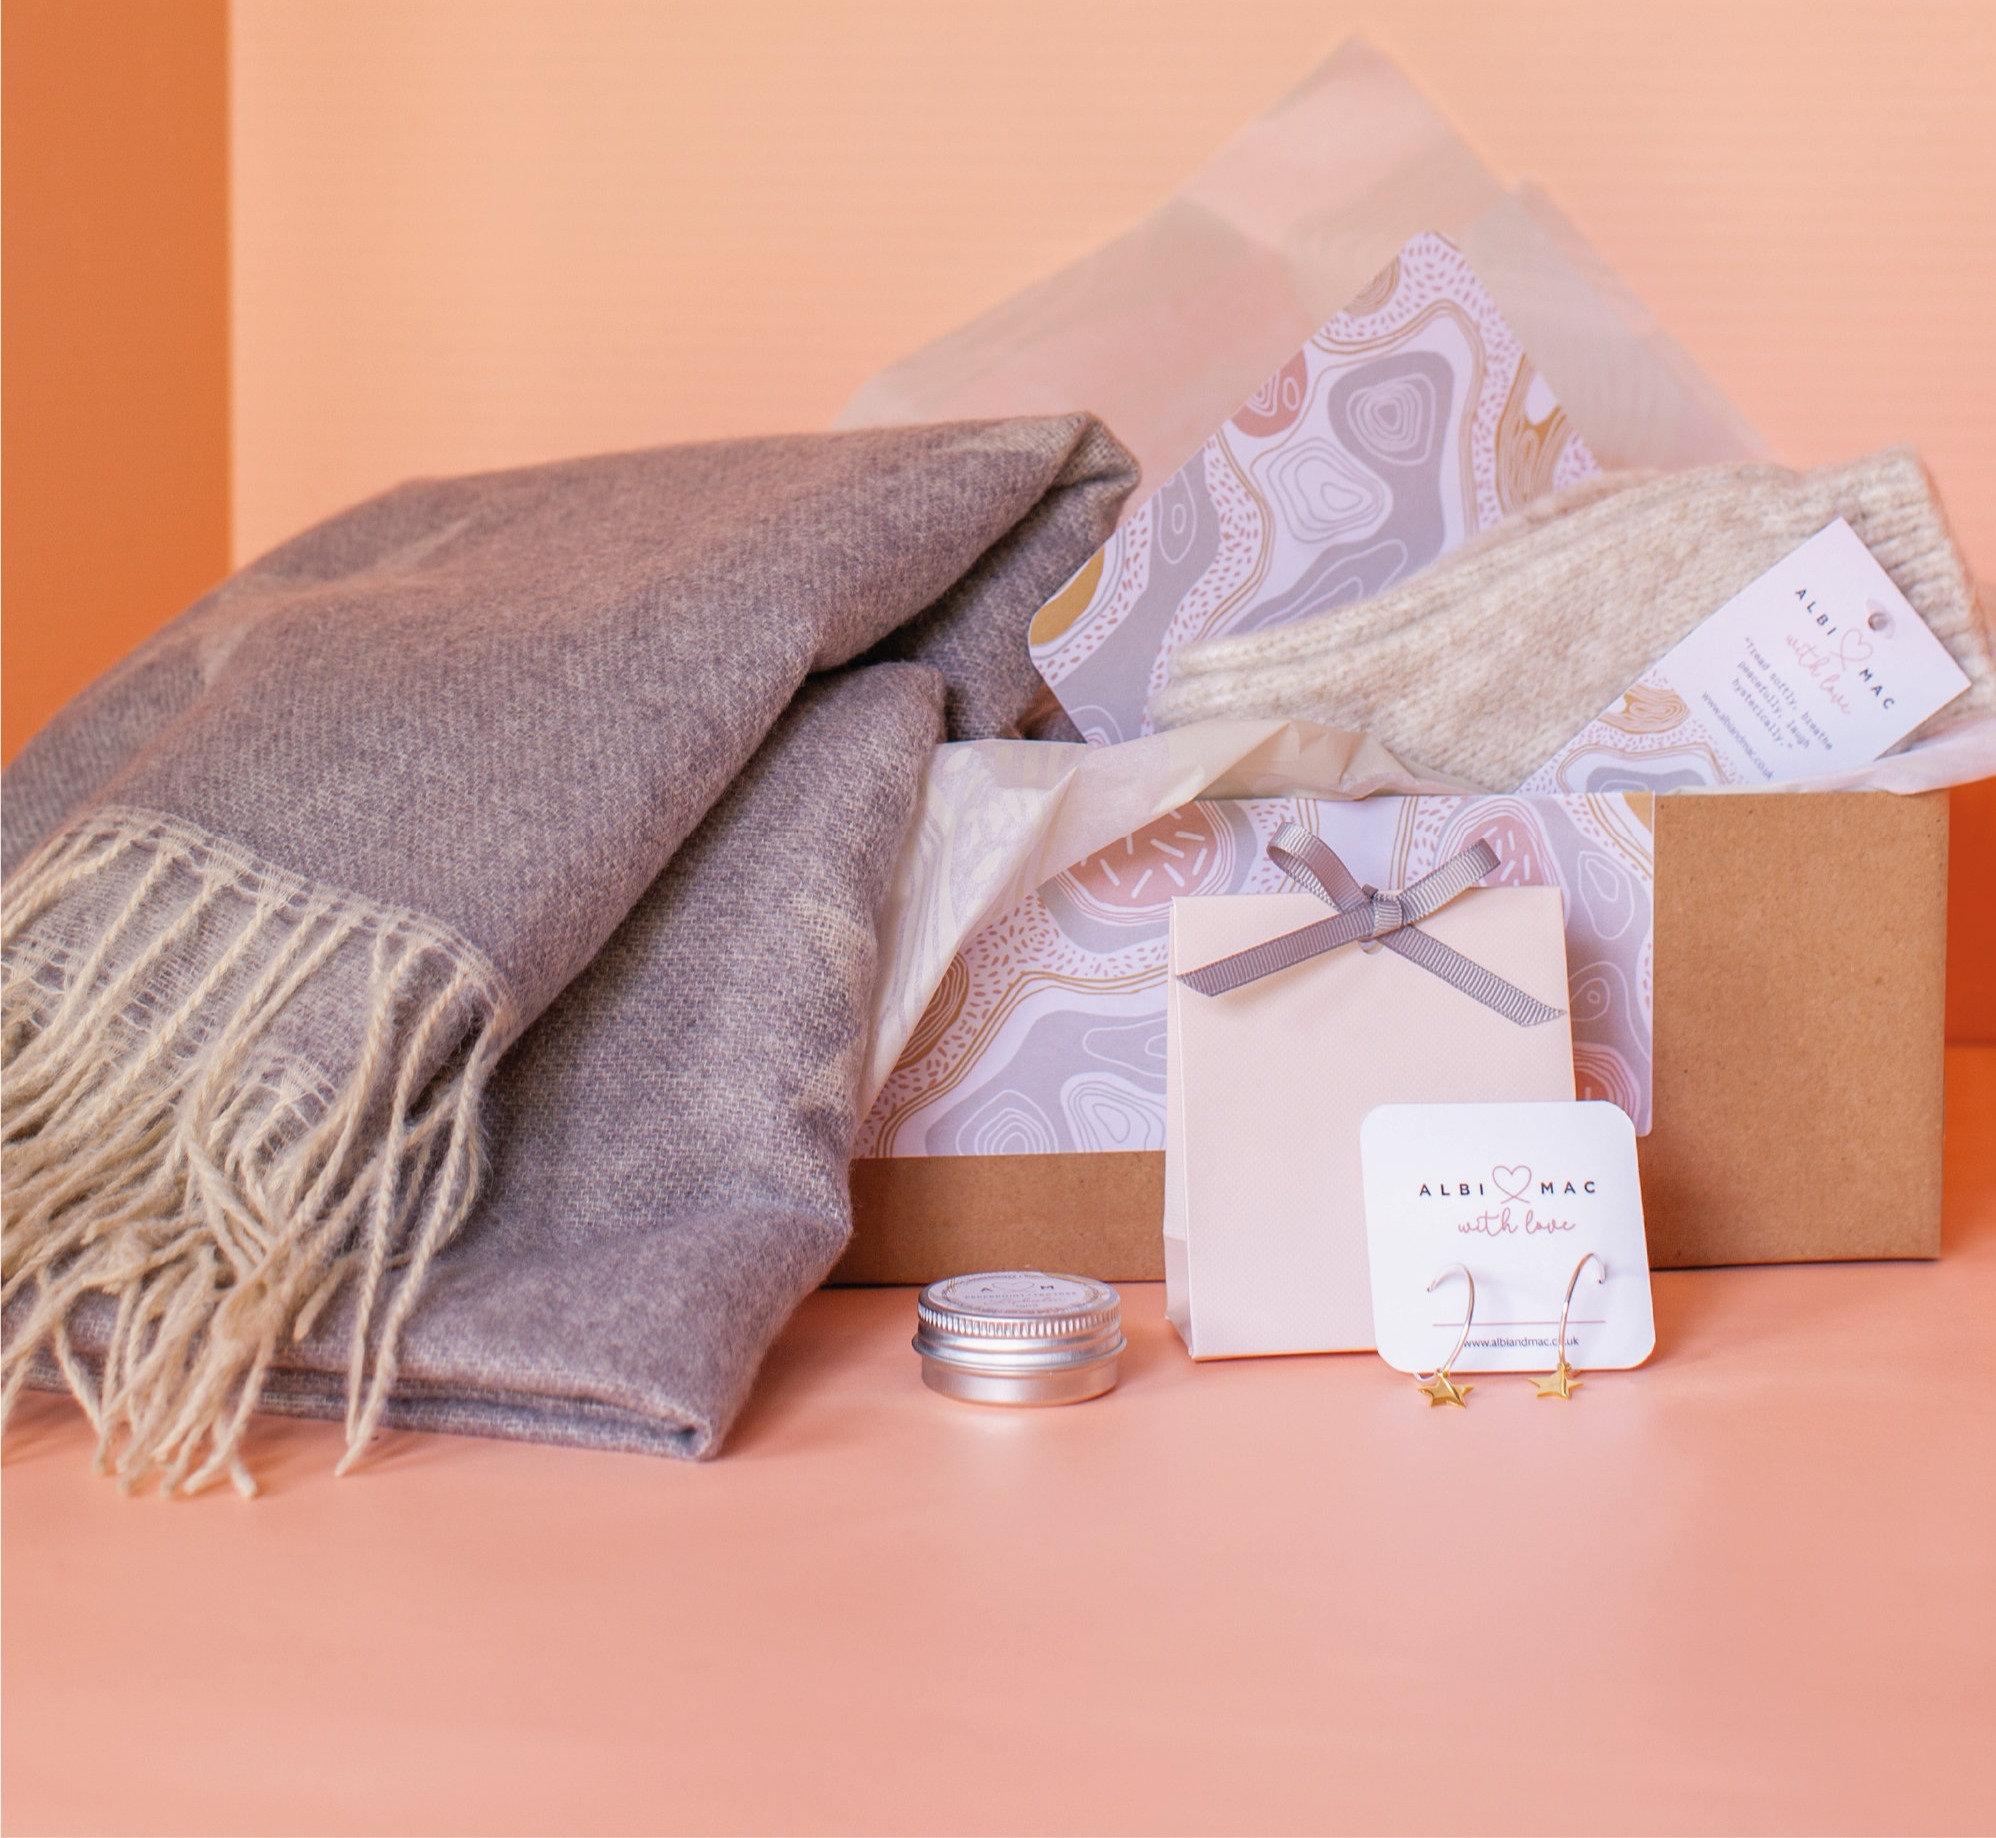 £65 Gift Box